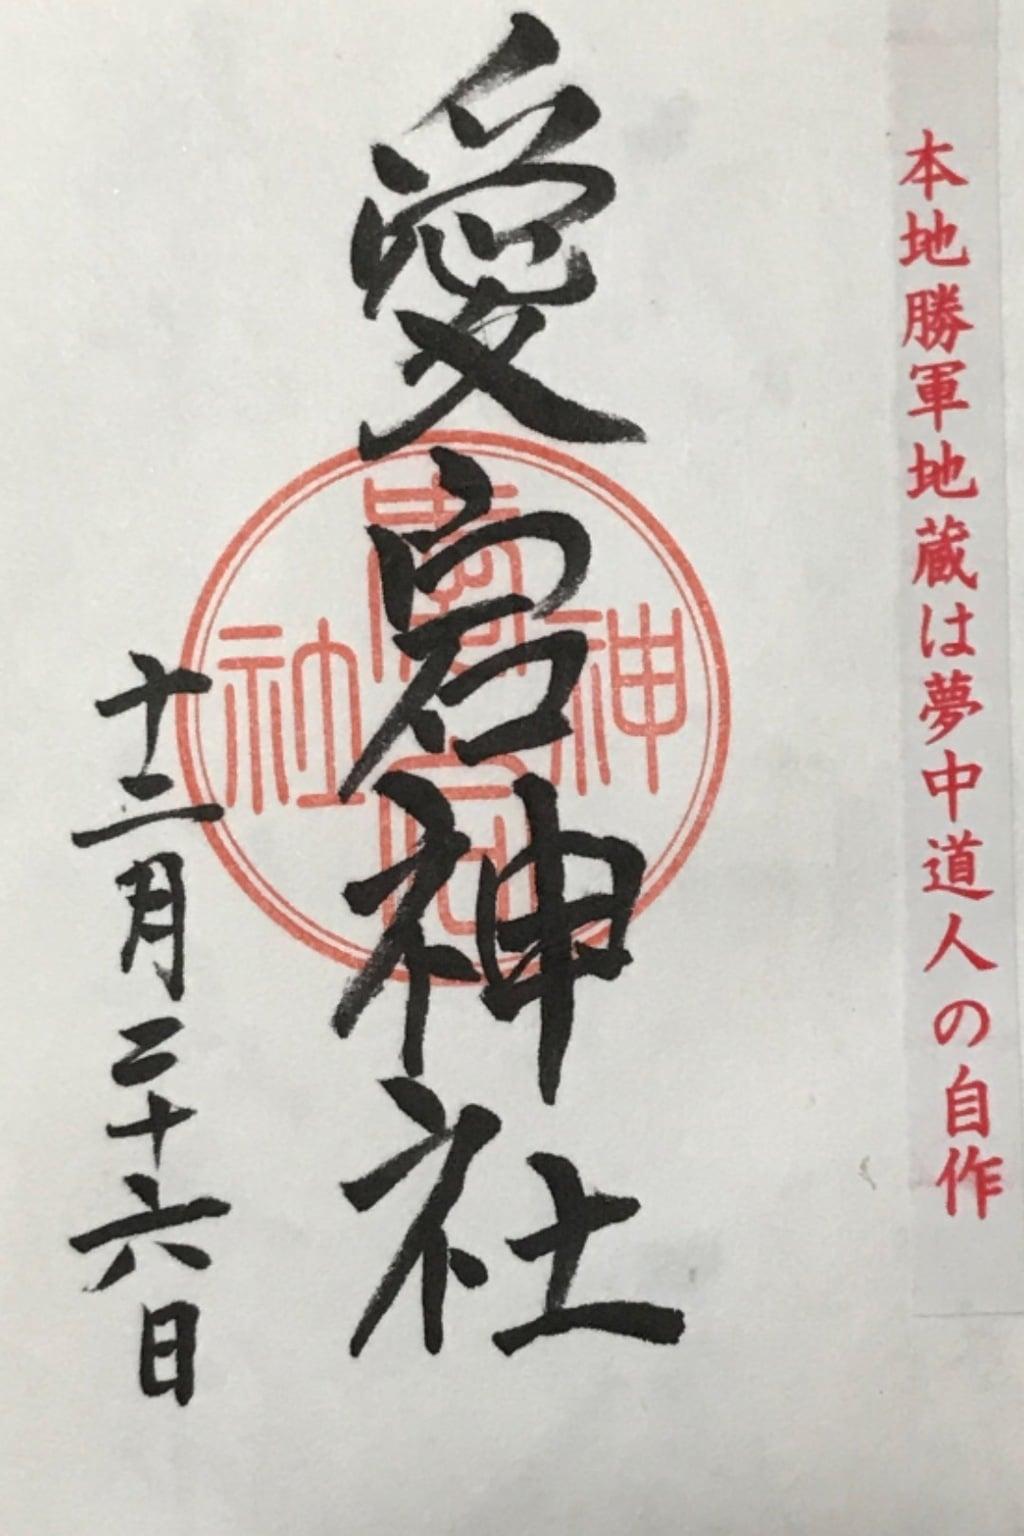 愛宕神社(錦織神社摂社)の御朱印